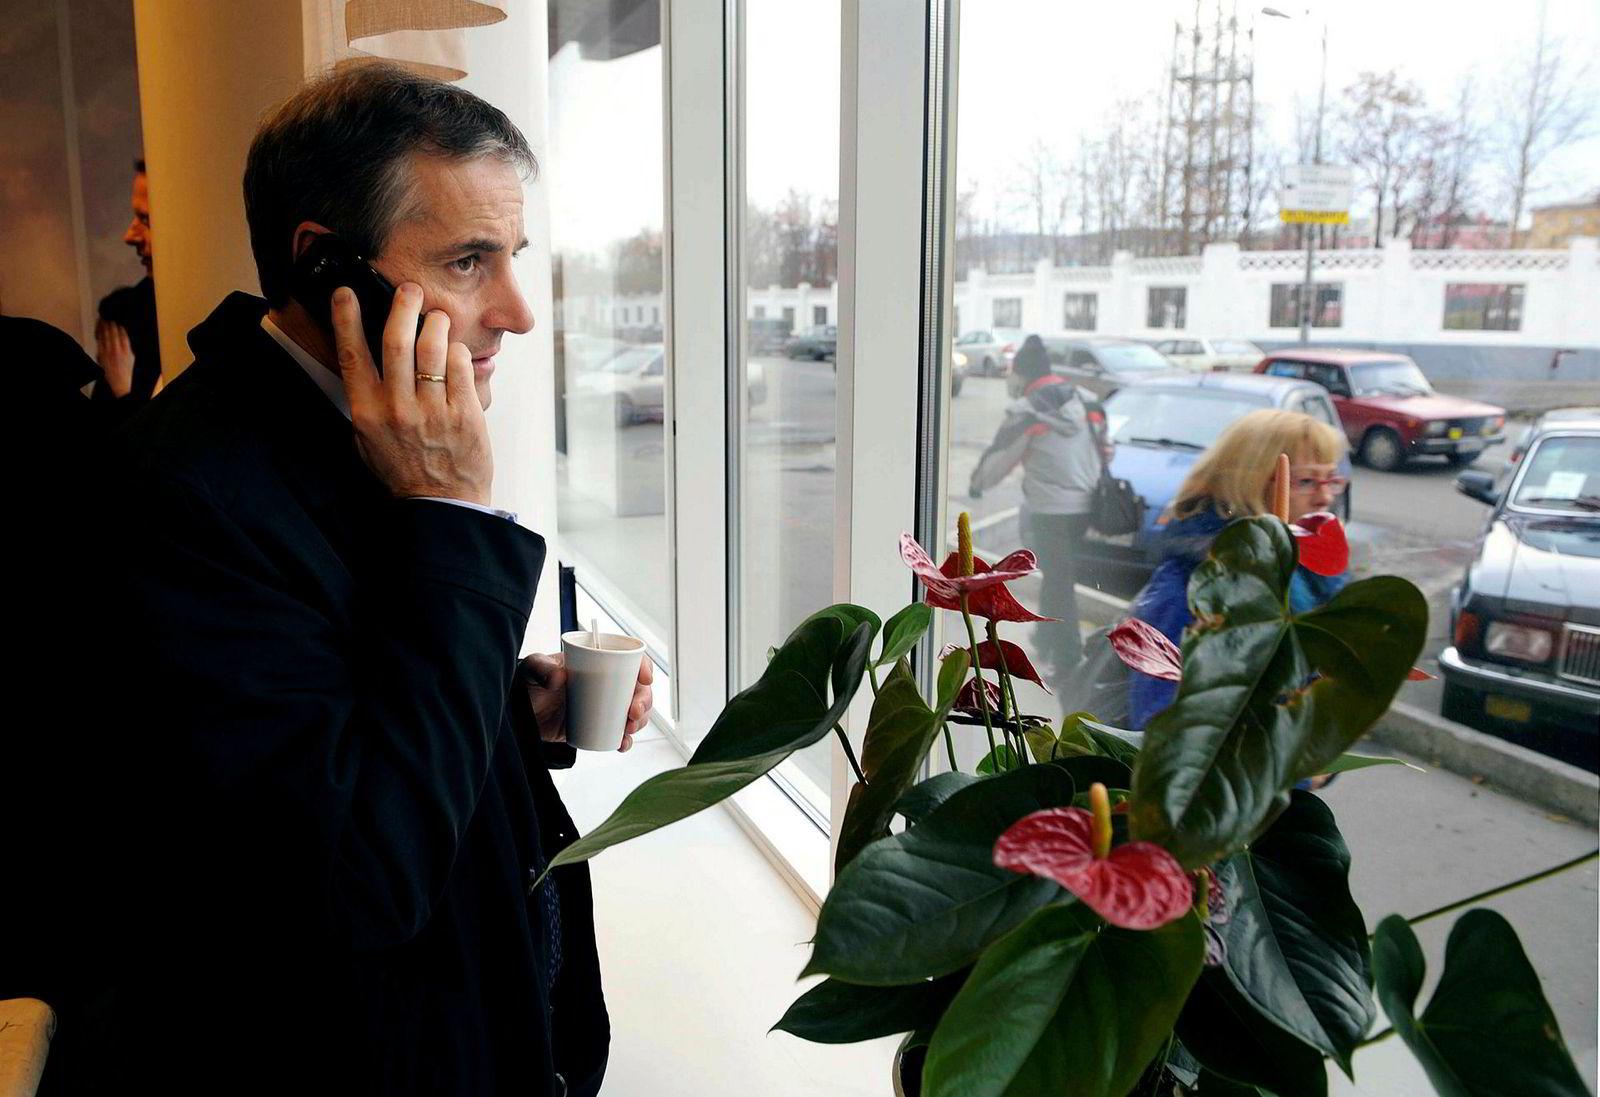 Tidligere utenriksminister Støre hadde også med jobbtelefonen til Murmansk i 2009. Her bruker han den på besøk på en russisk kaffebar.